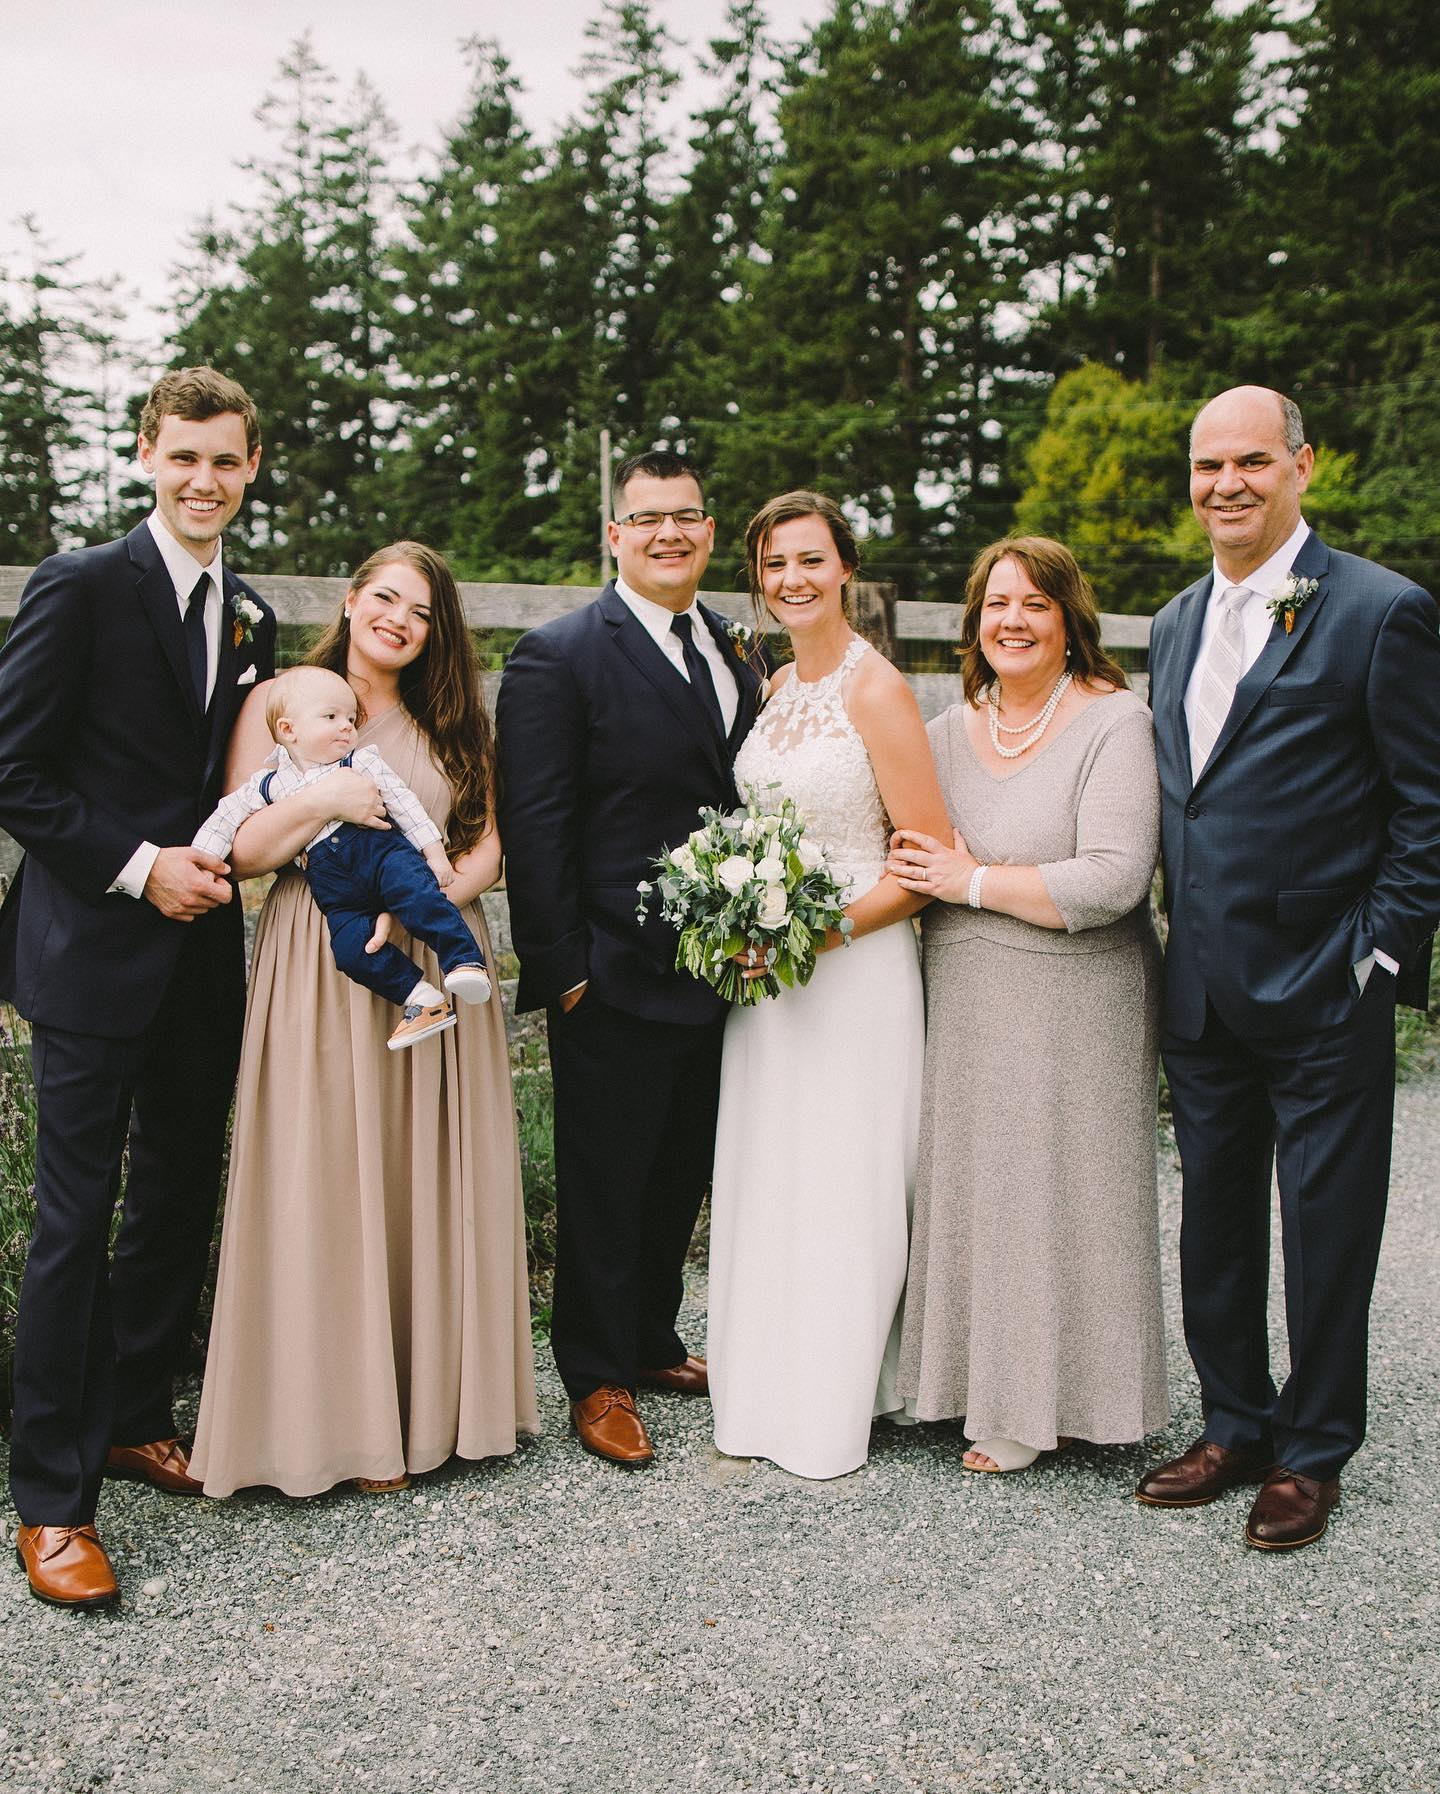 Wedding (Morgan)